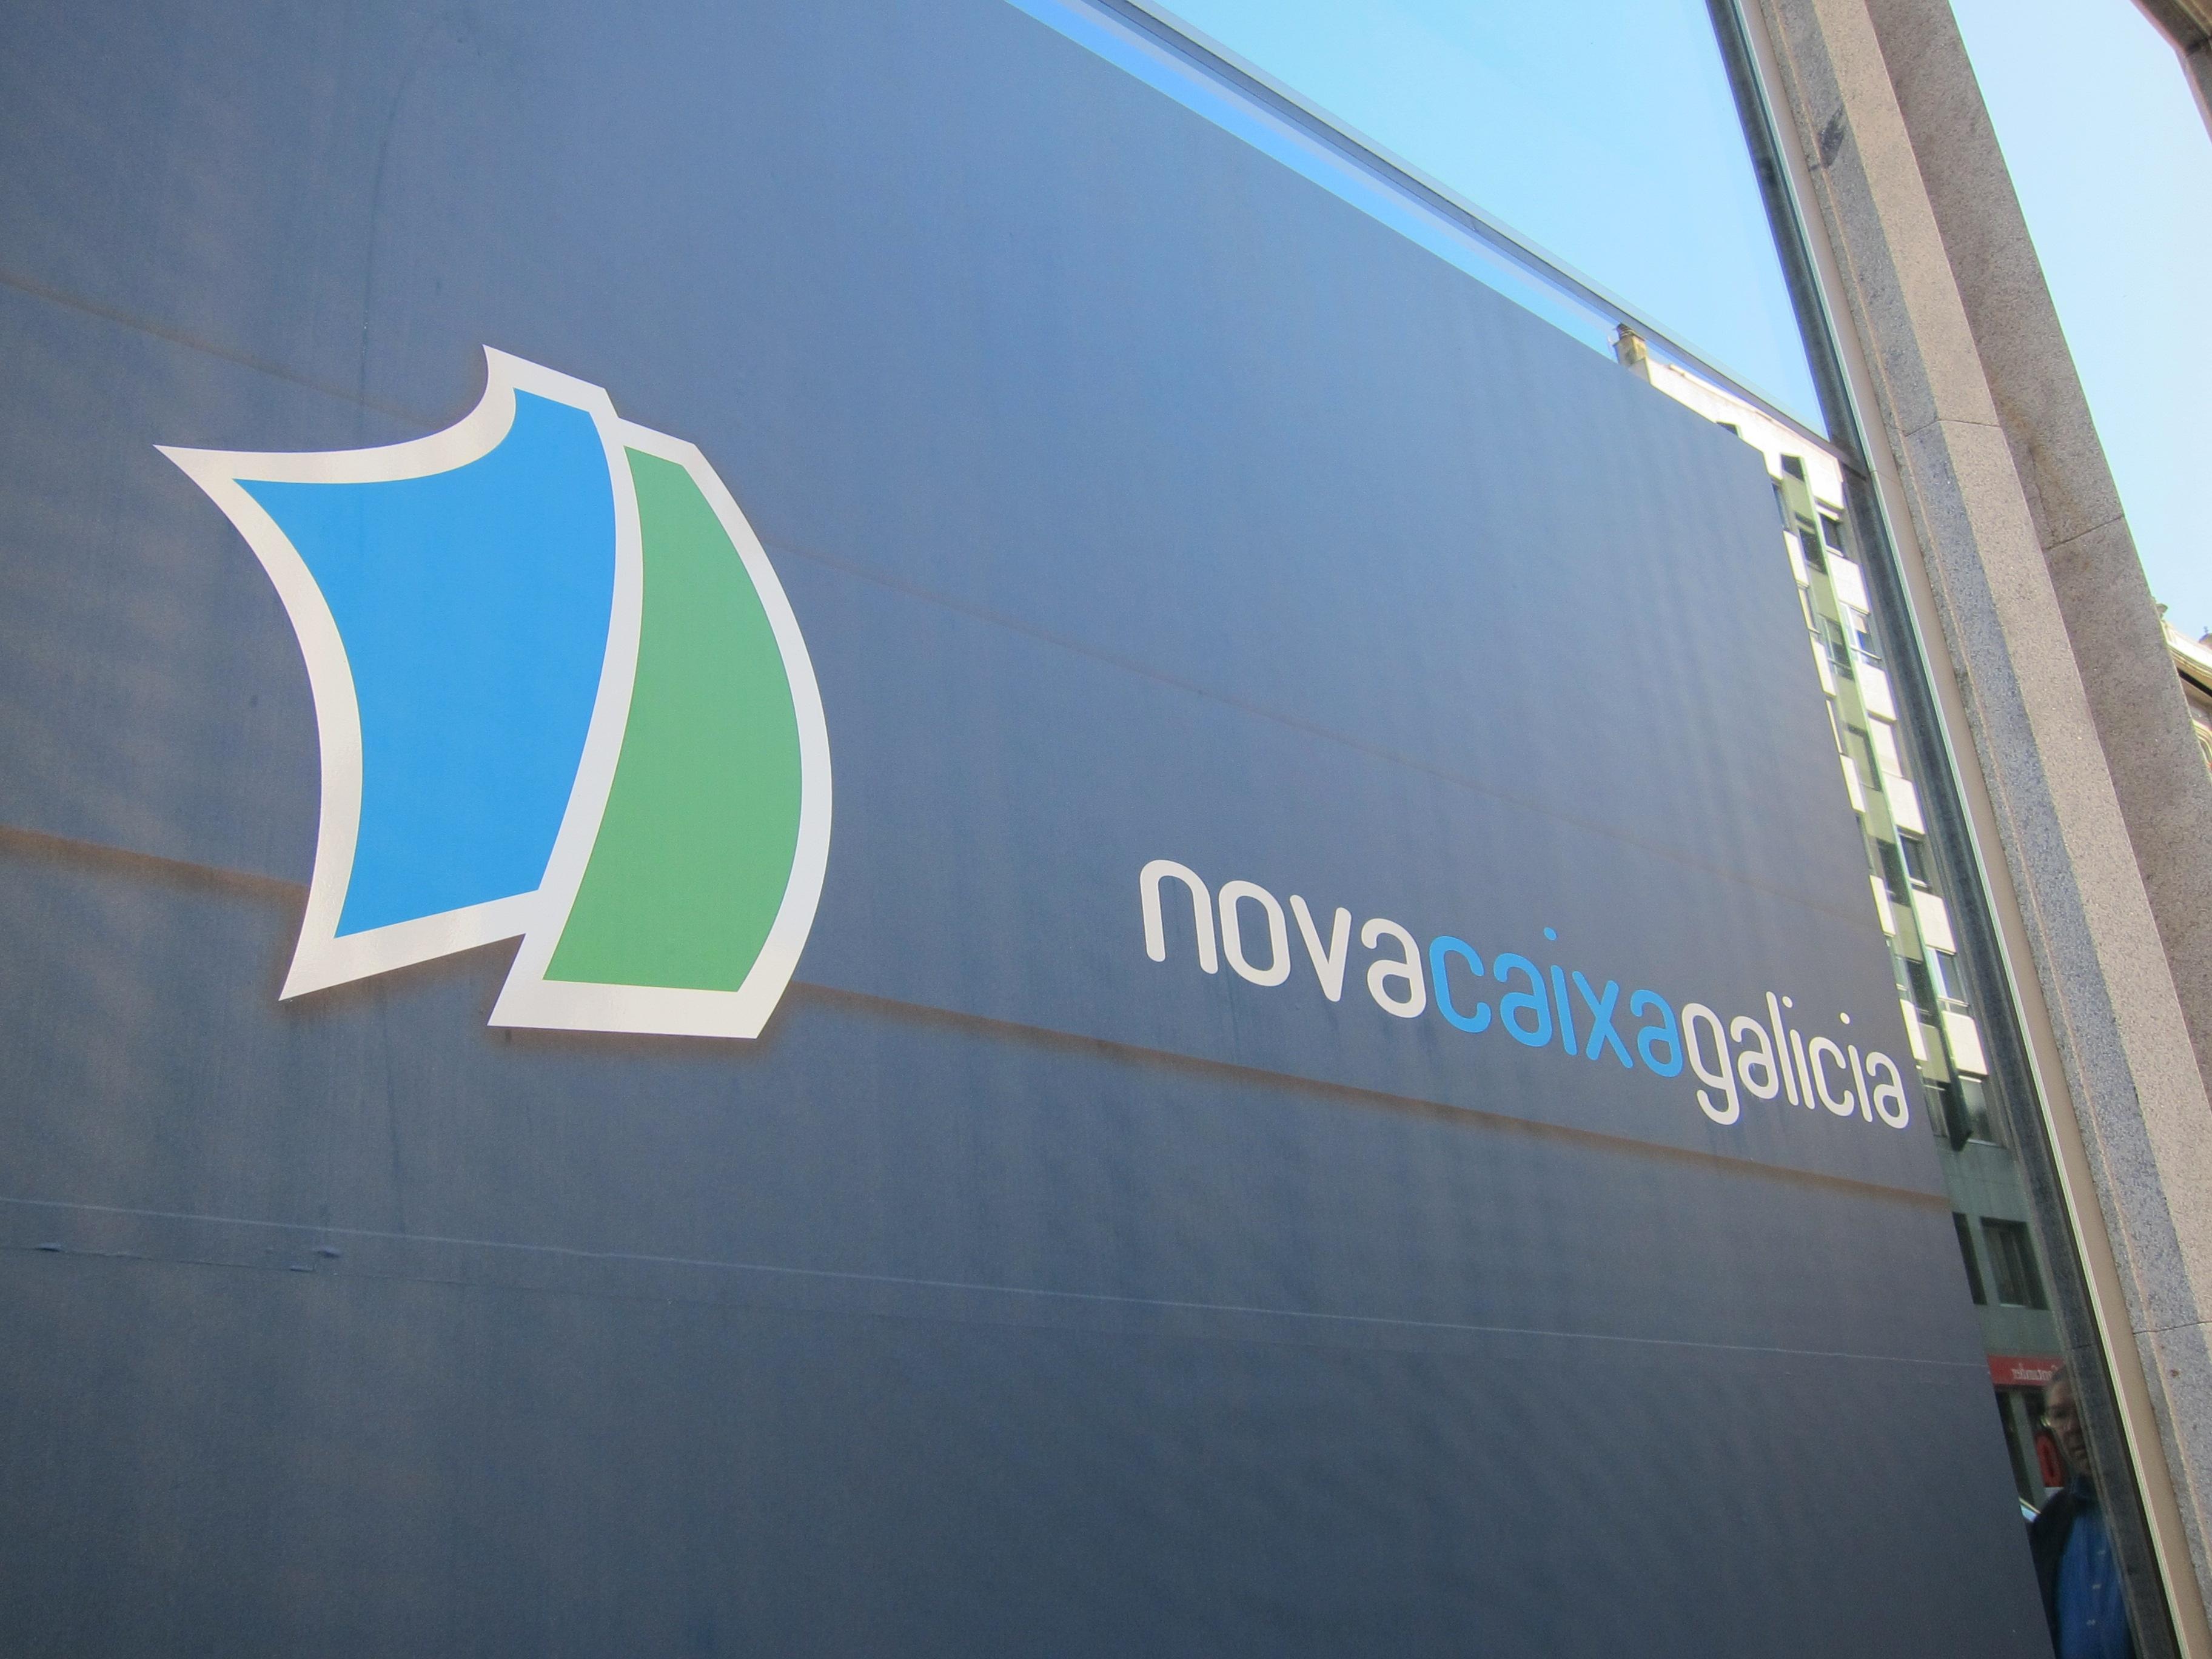 Los grupos piden que el patronato de la Fundación de Novacaixagalicia sea «profesional» y «no remunerado»